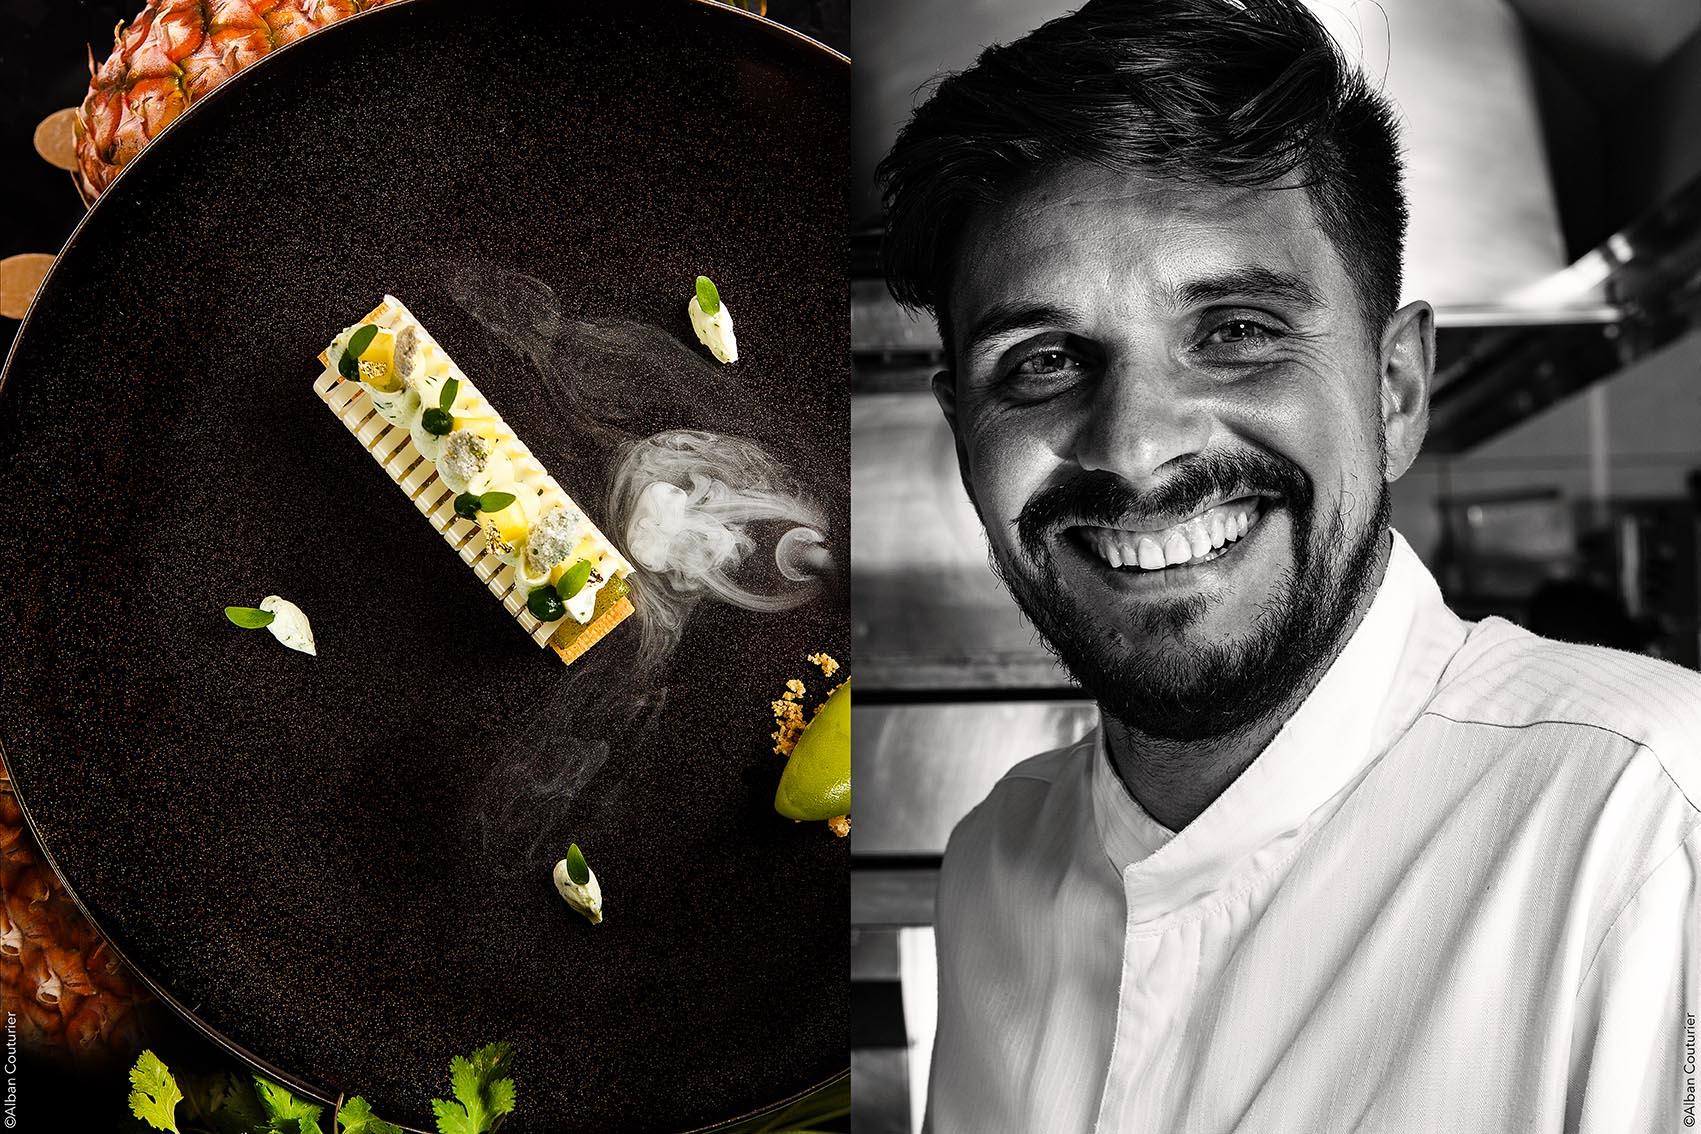 Portrait et recette, chef Patissier et ami, Hugo Correia, epoque Lancaster ©Alban Couturier